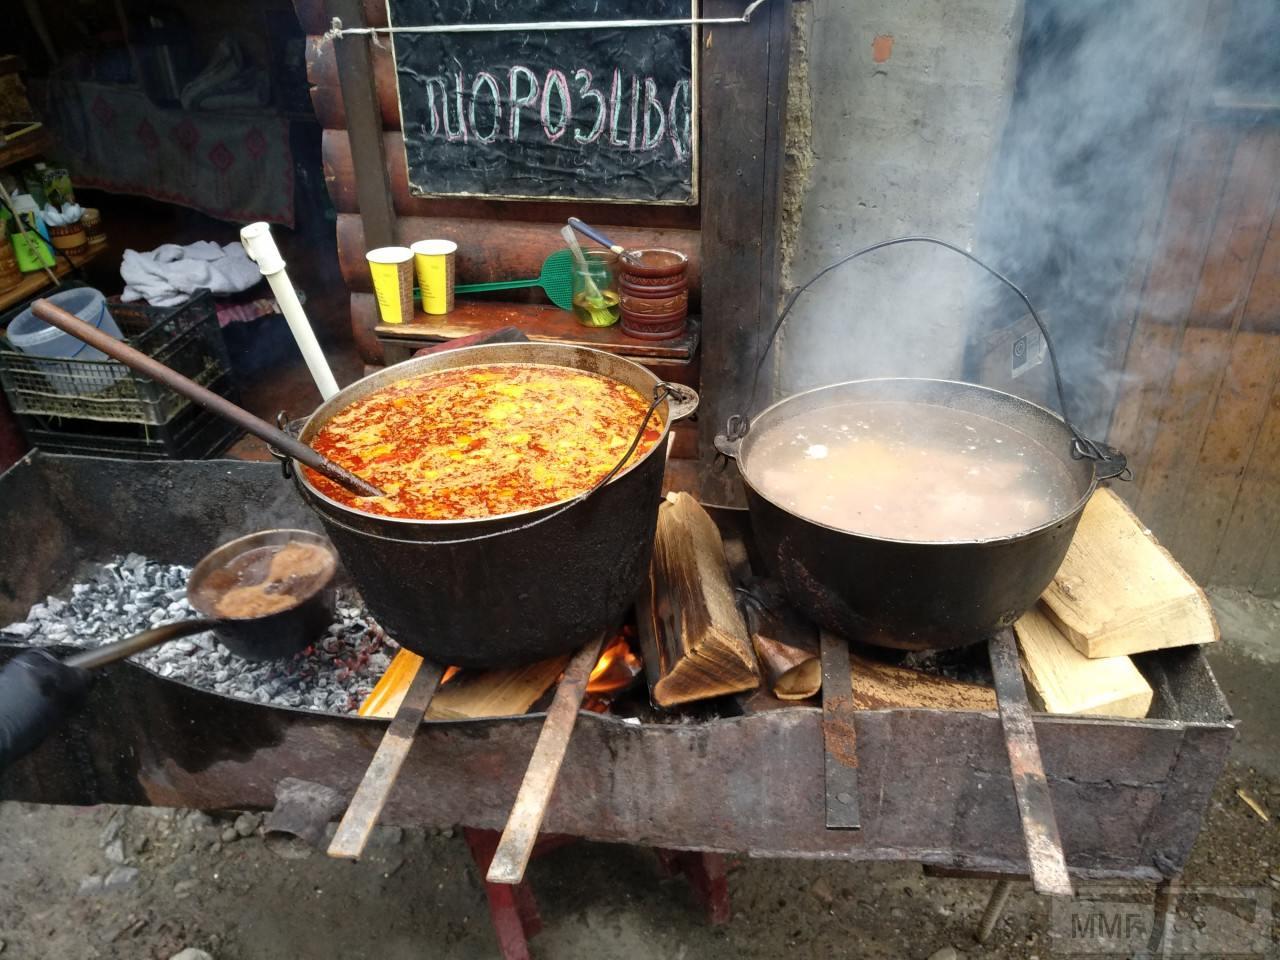 107222 - Закуски на огне (мангал, барбекю и т.д.) и кулинария вообще. Советы и рецепты.